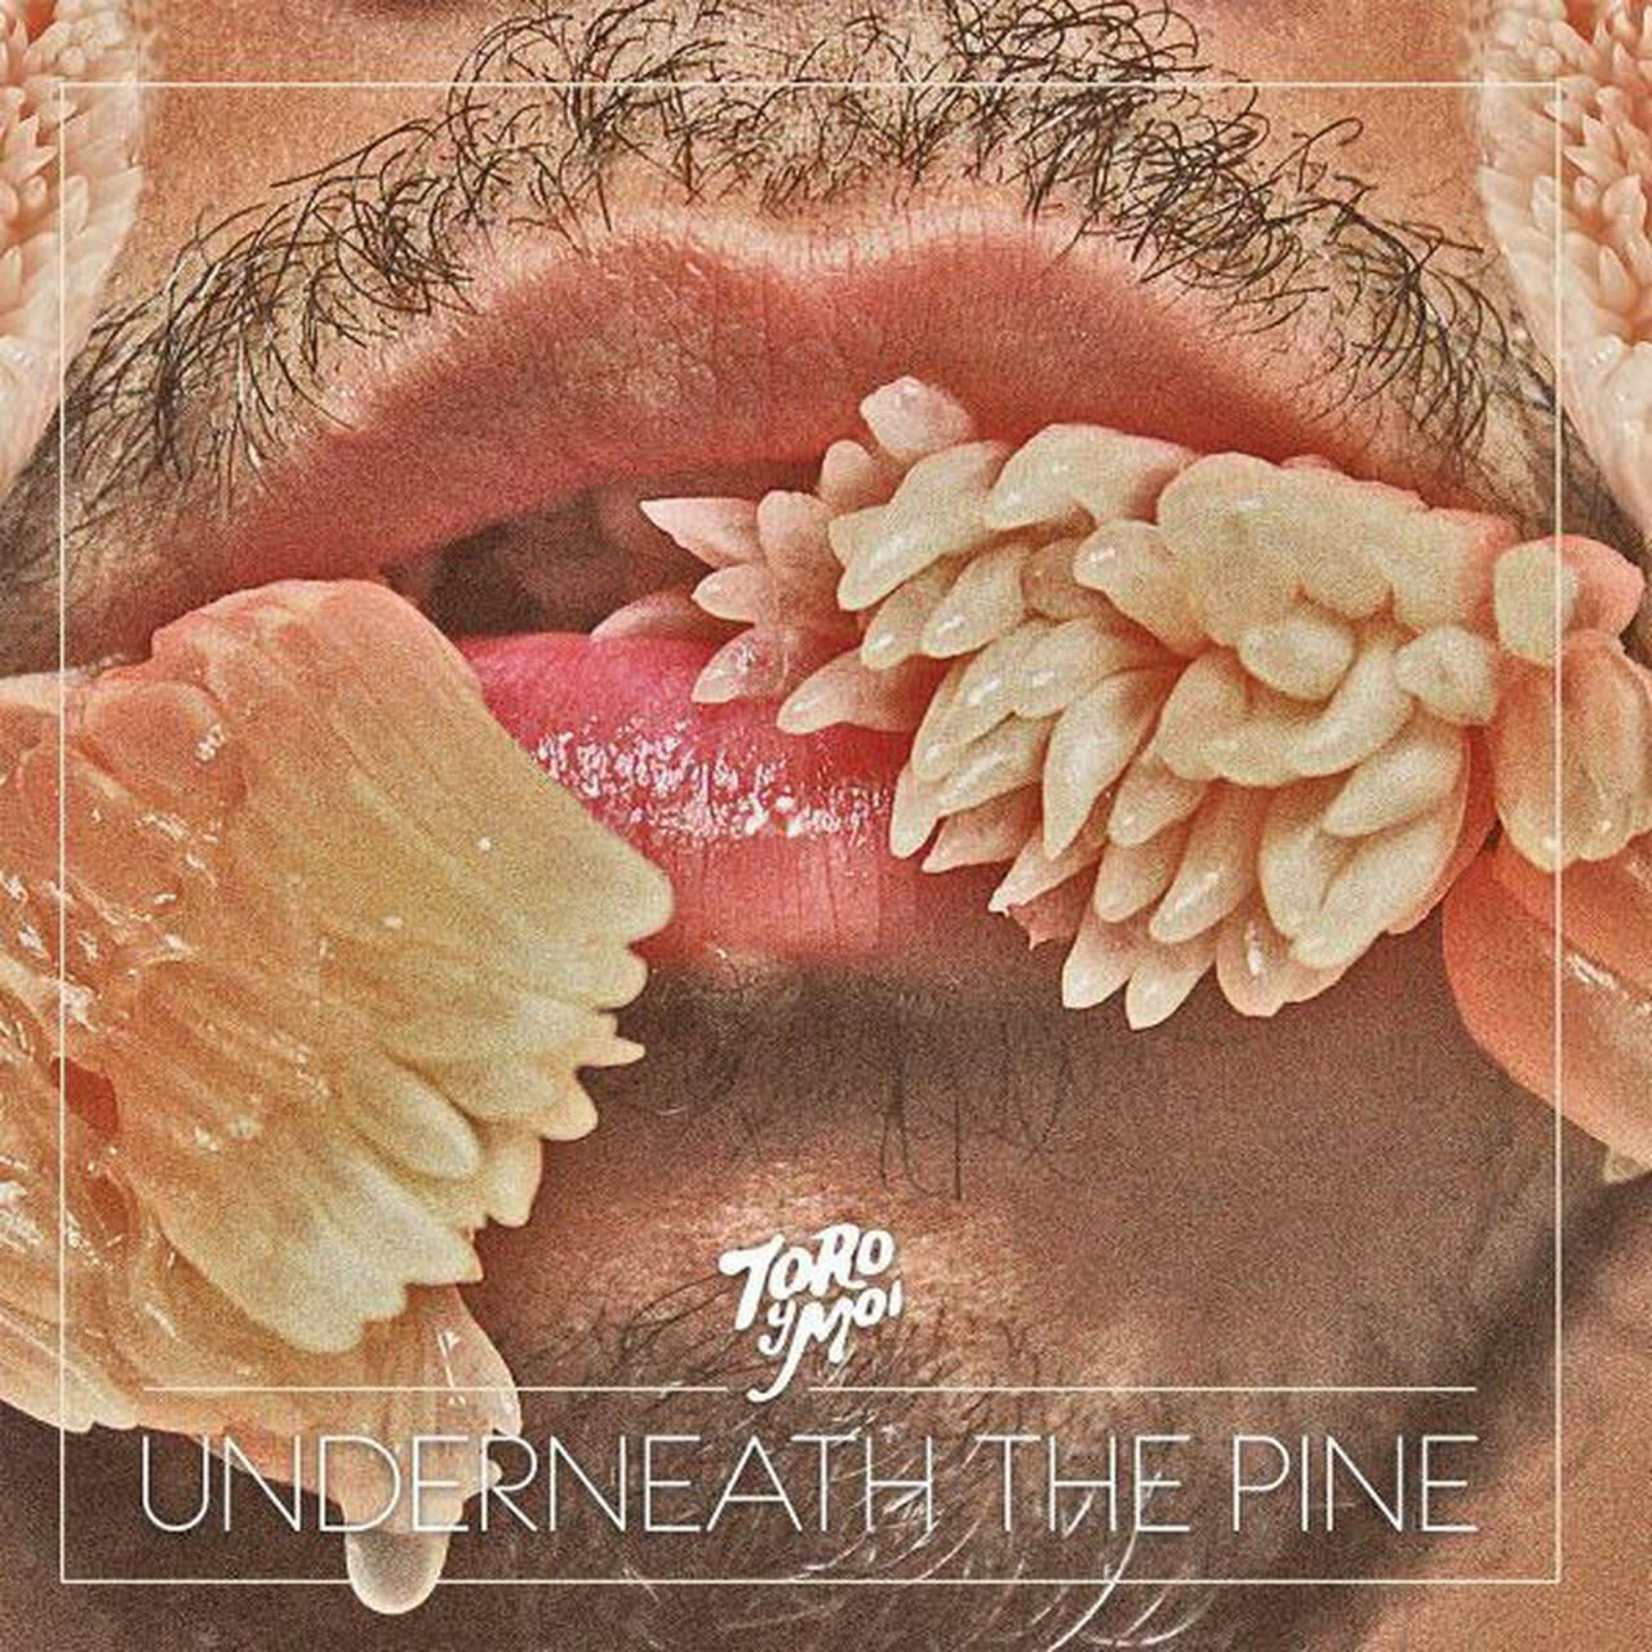 [New] Toro y Moi: Underneath The Pine (desert sun splatter vinyl)